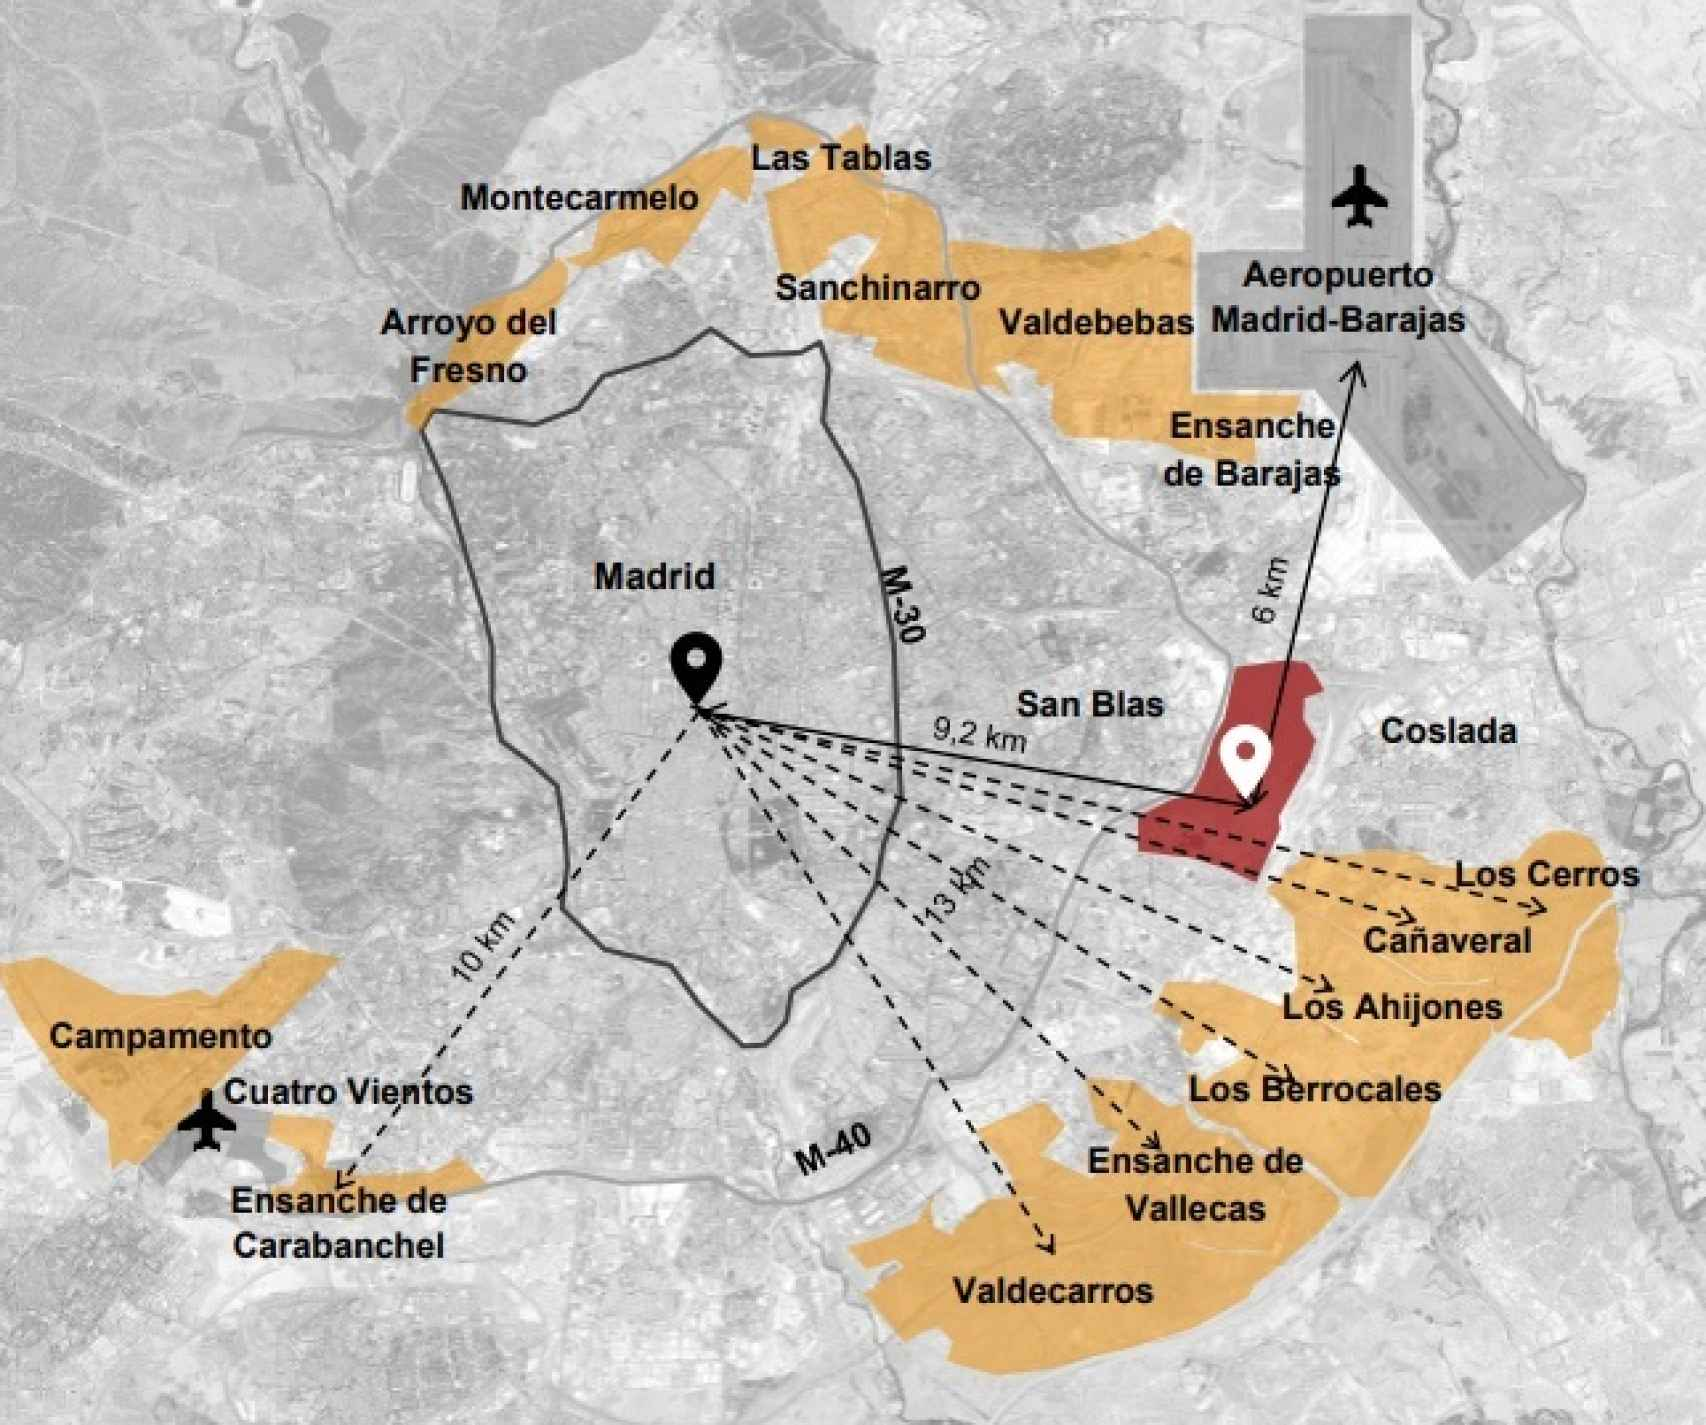 En rojo, la ubicación de Nueva Centralidad del Este.